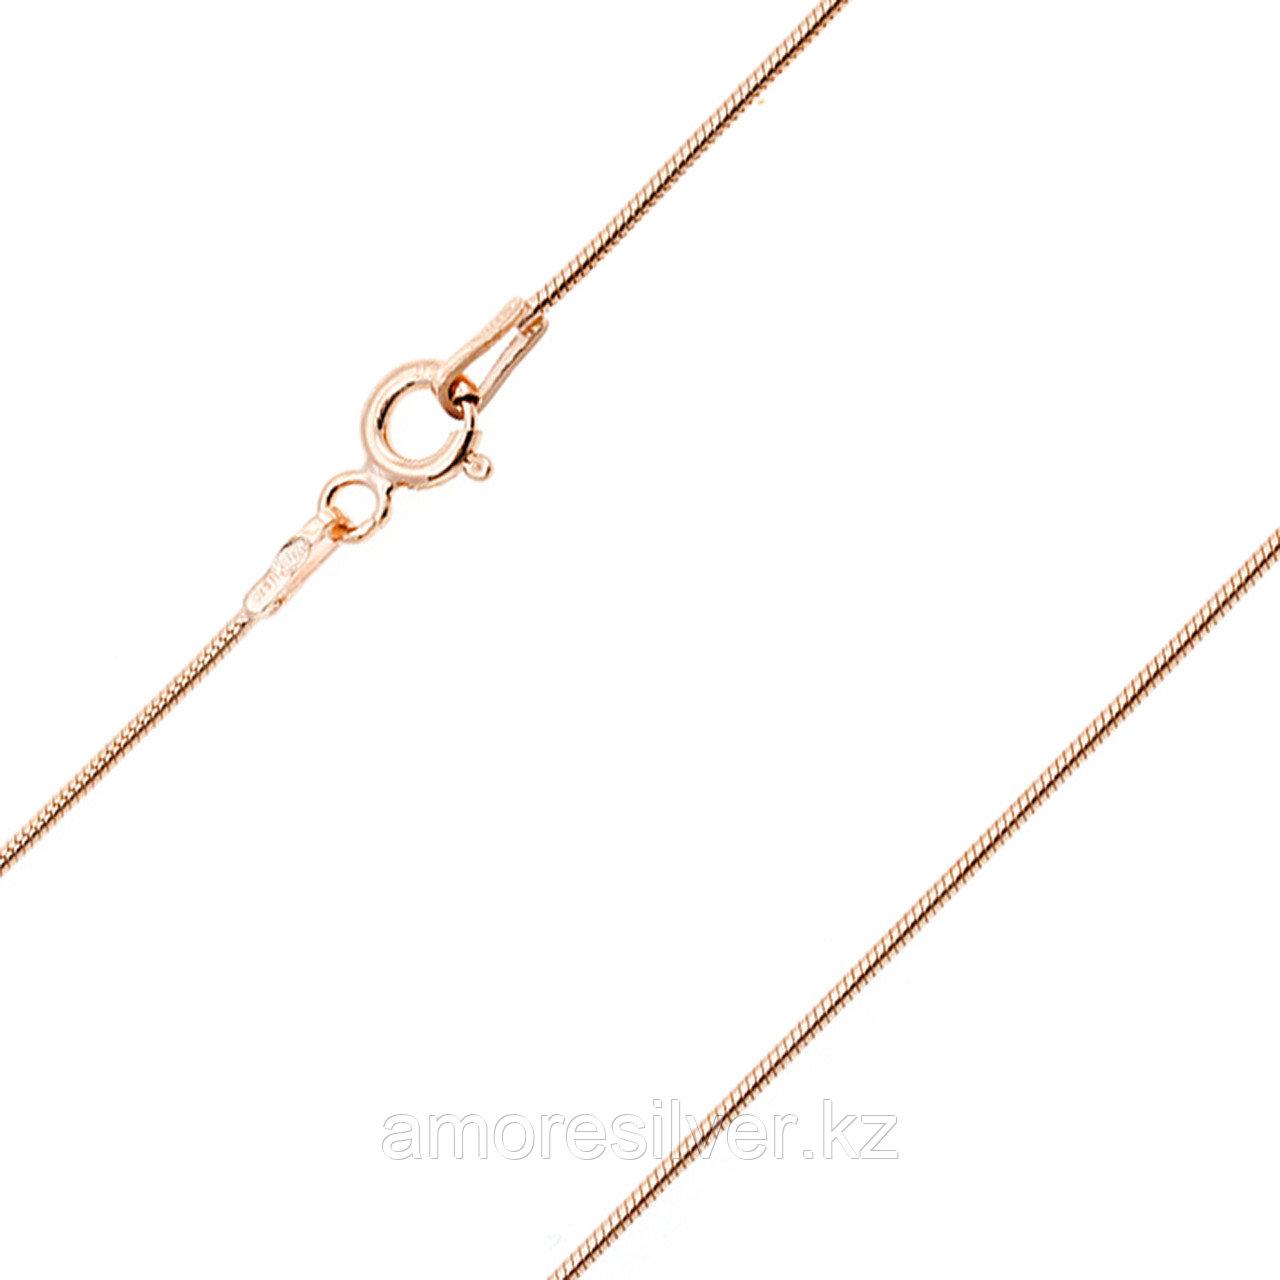 Цепь Teosa серебро с позолотой, без вставок, снейк круглый AU GROT-030-50 размеры - 50